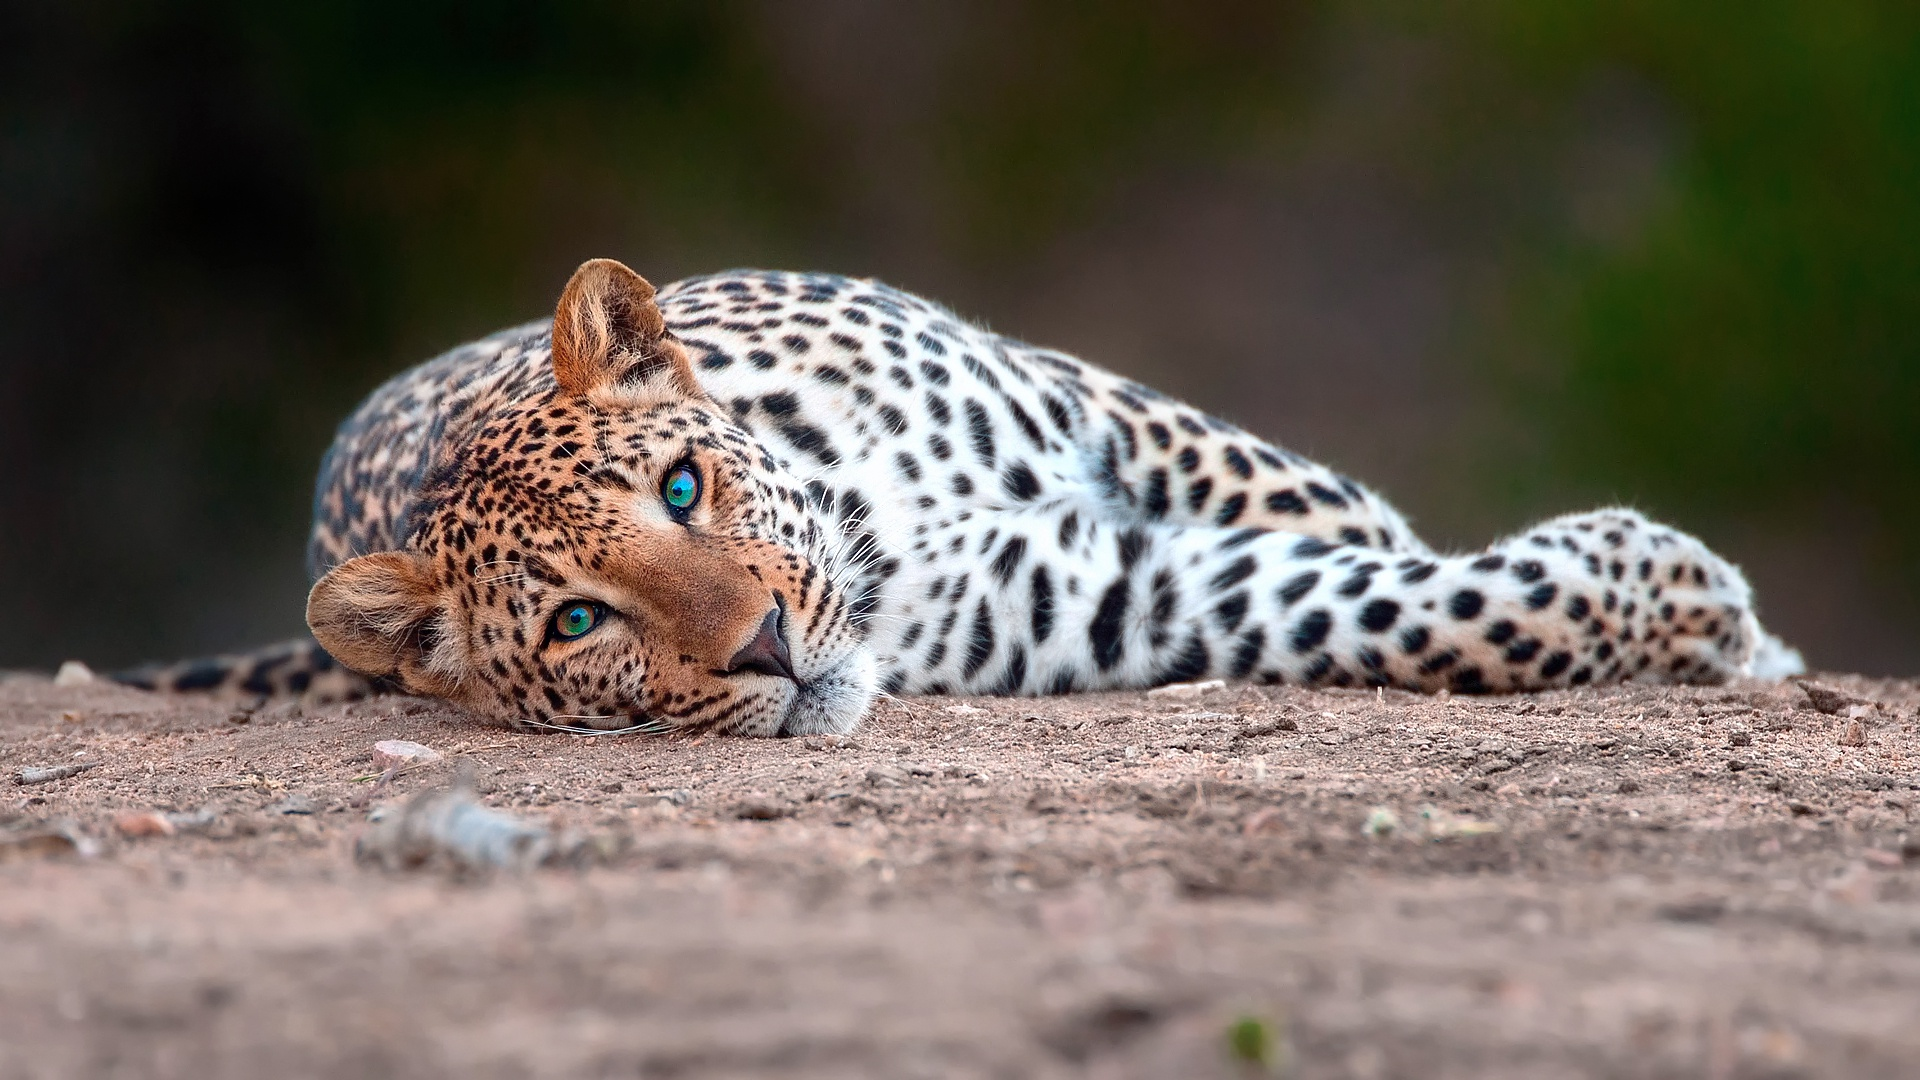 все картинки с леопардами на рабочий стол нашем